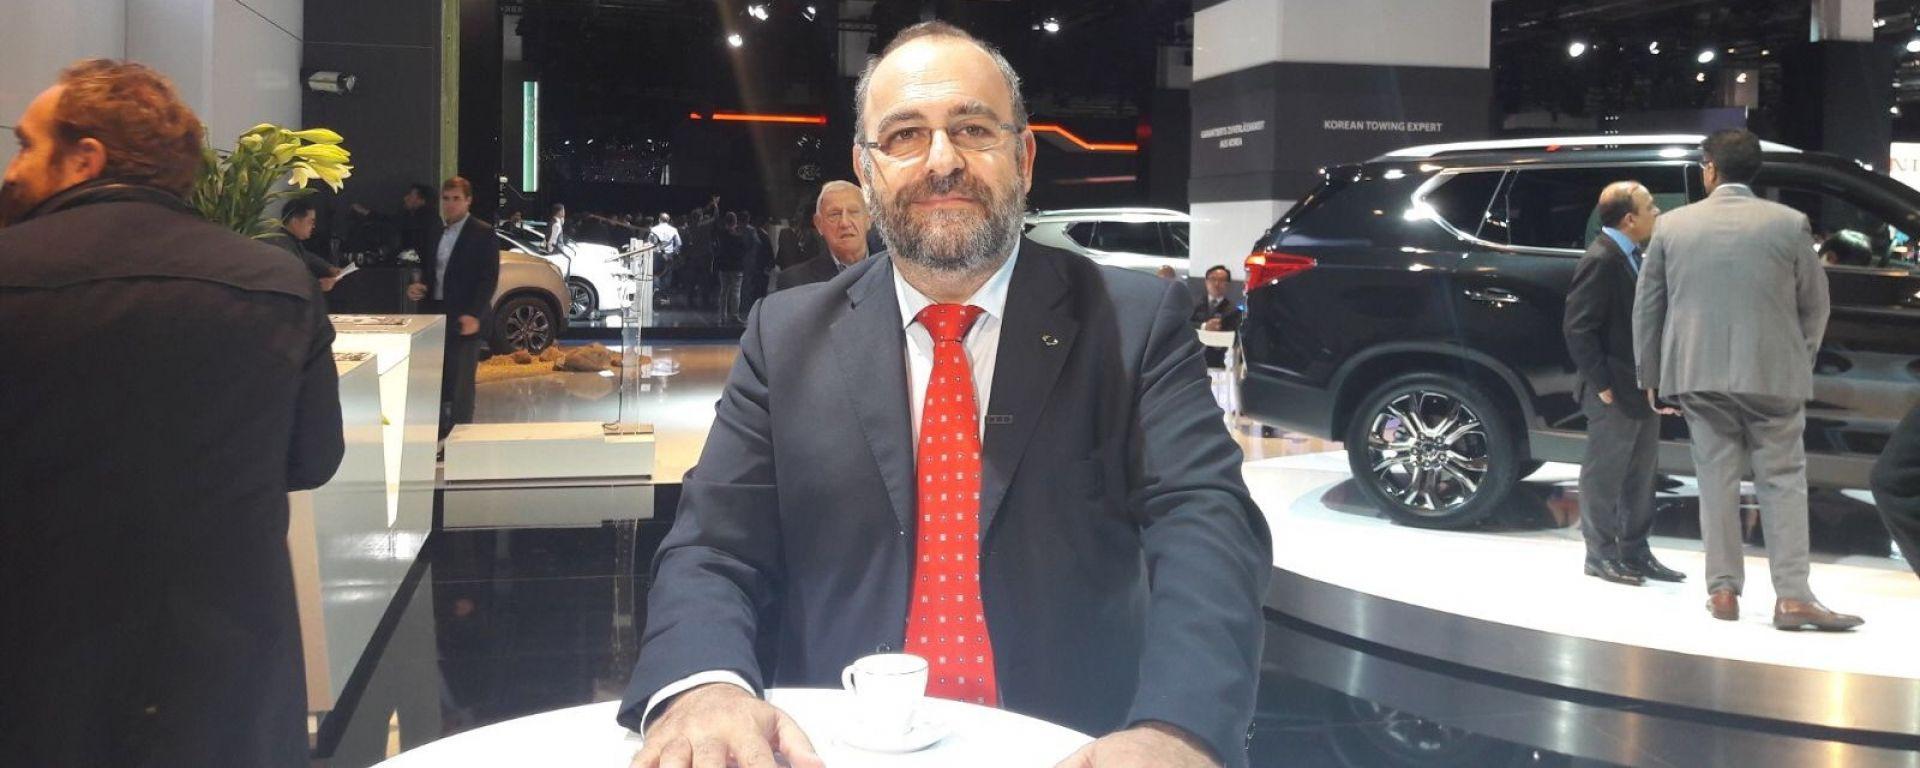 Maurizio Melzi è il nuovo Direttore Corporate P.R. di Koelliker